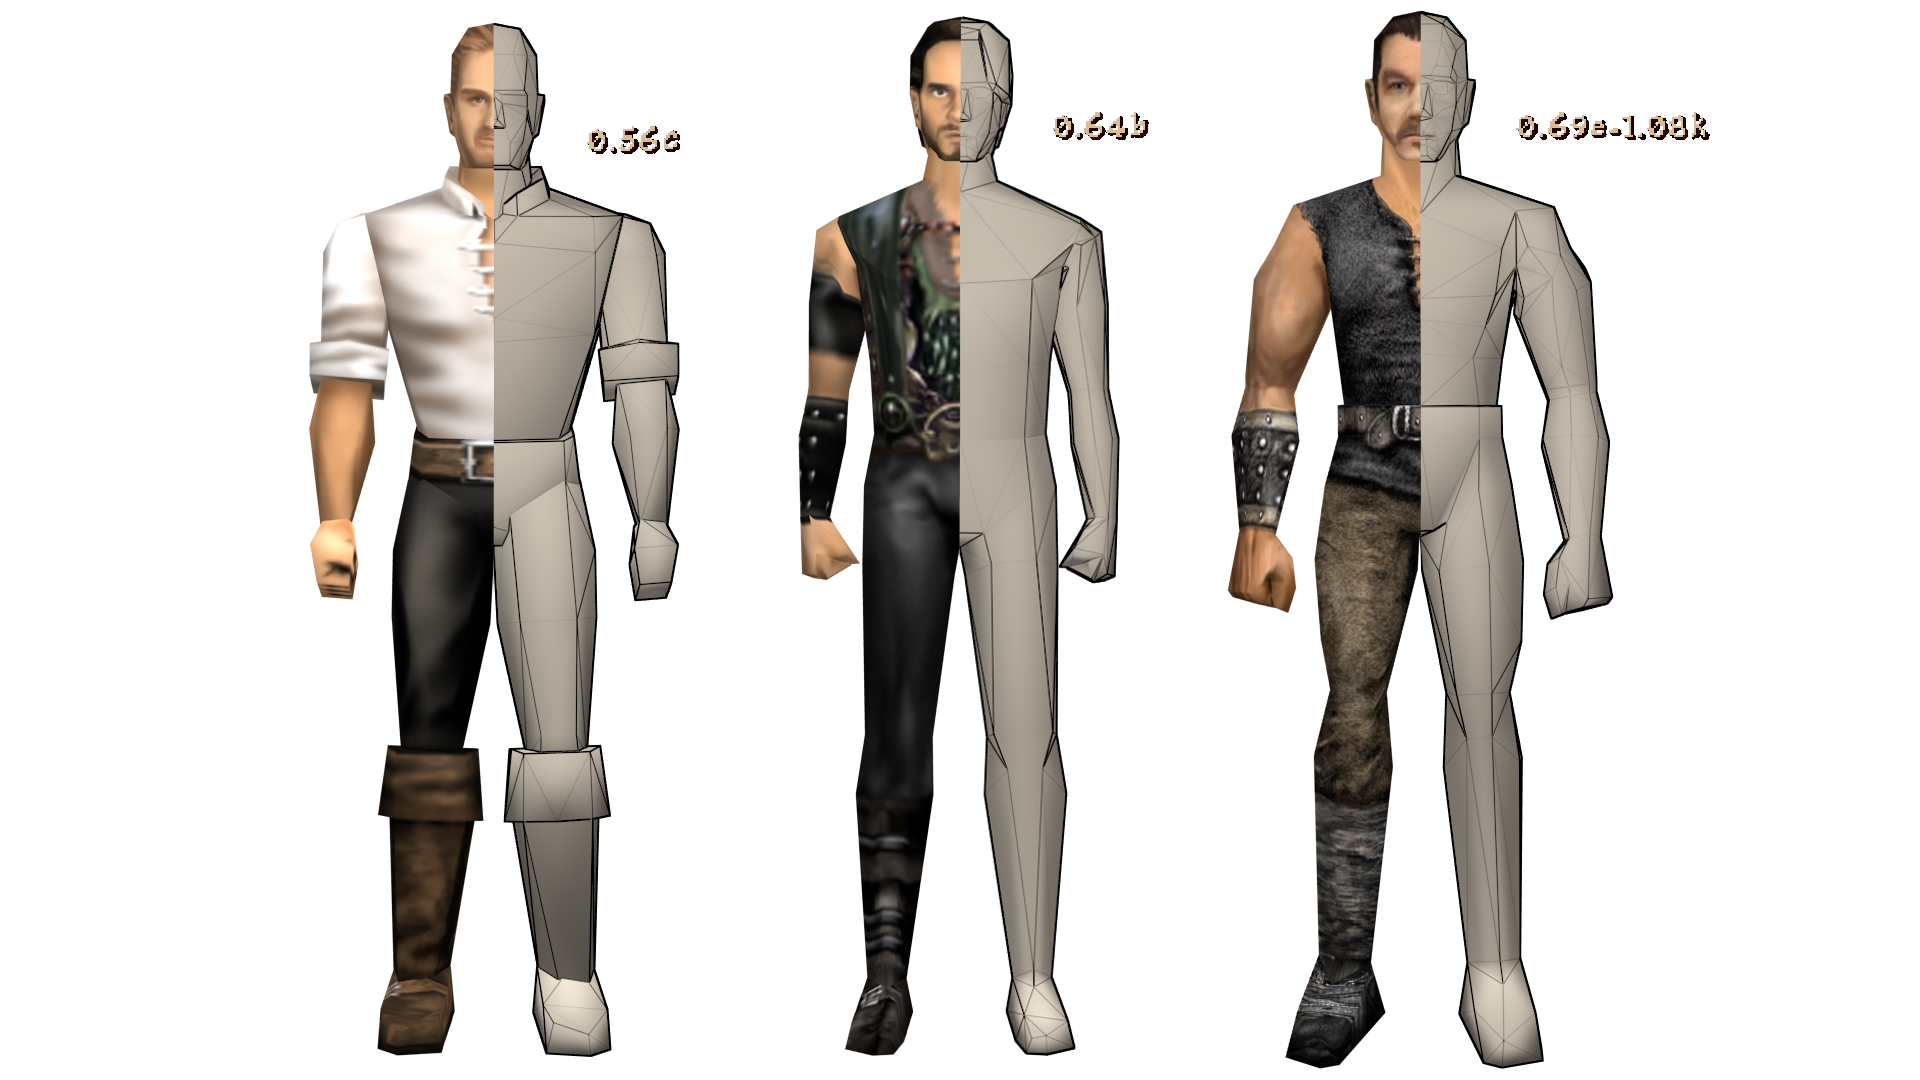 three different body models half textured, half untextured